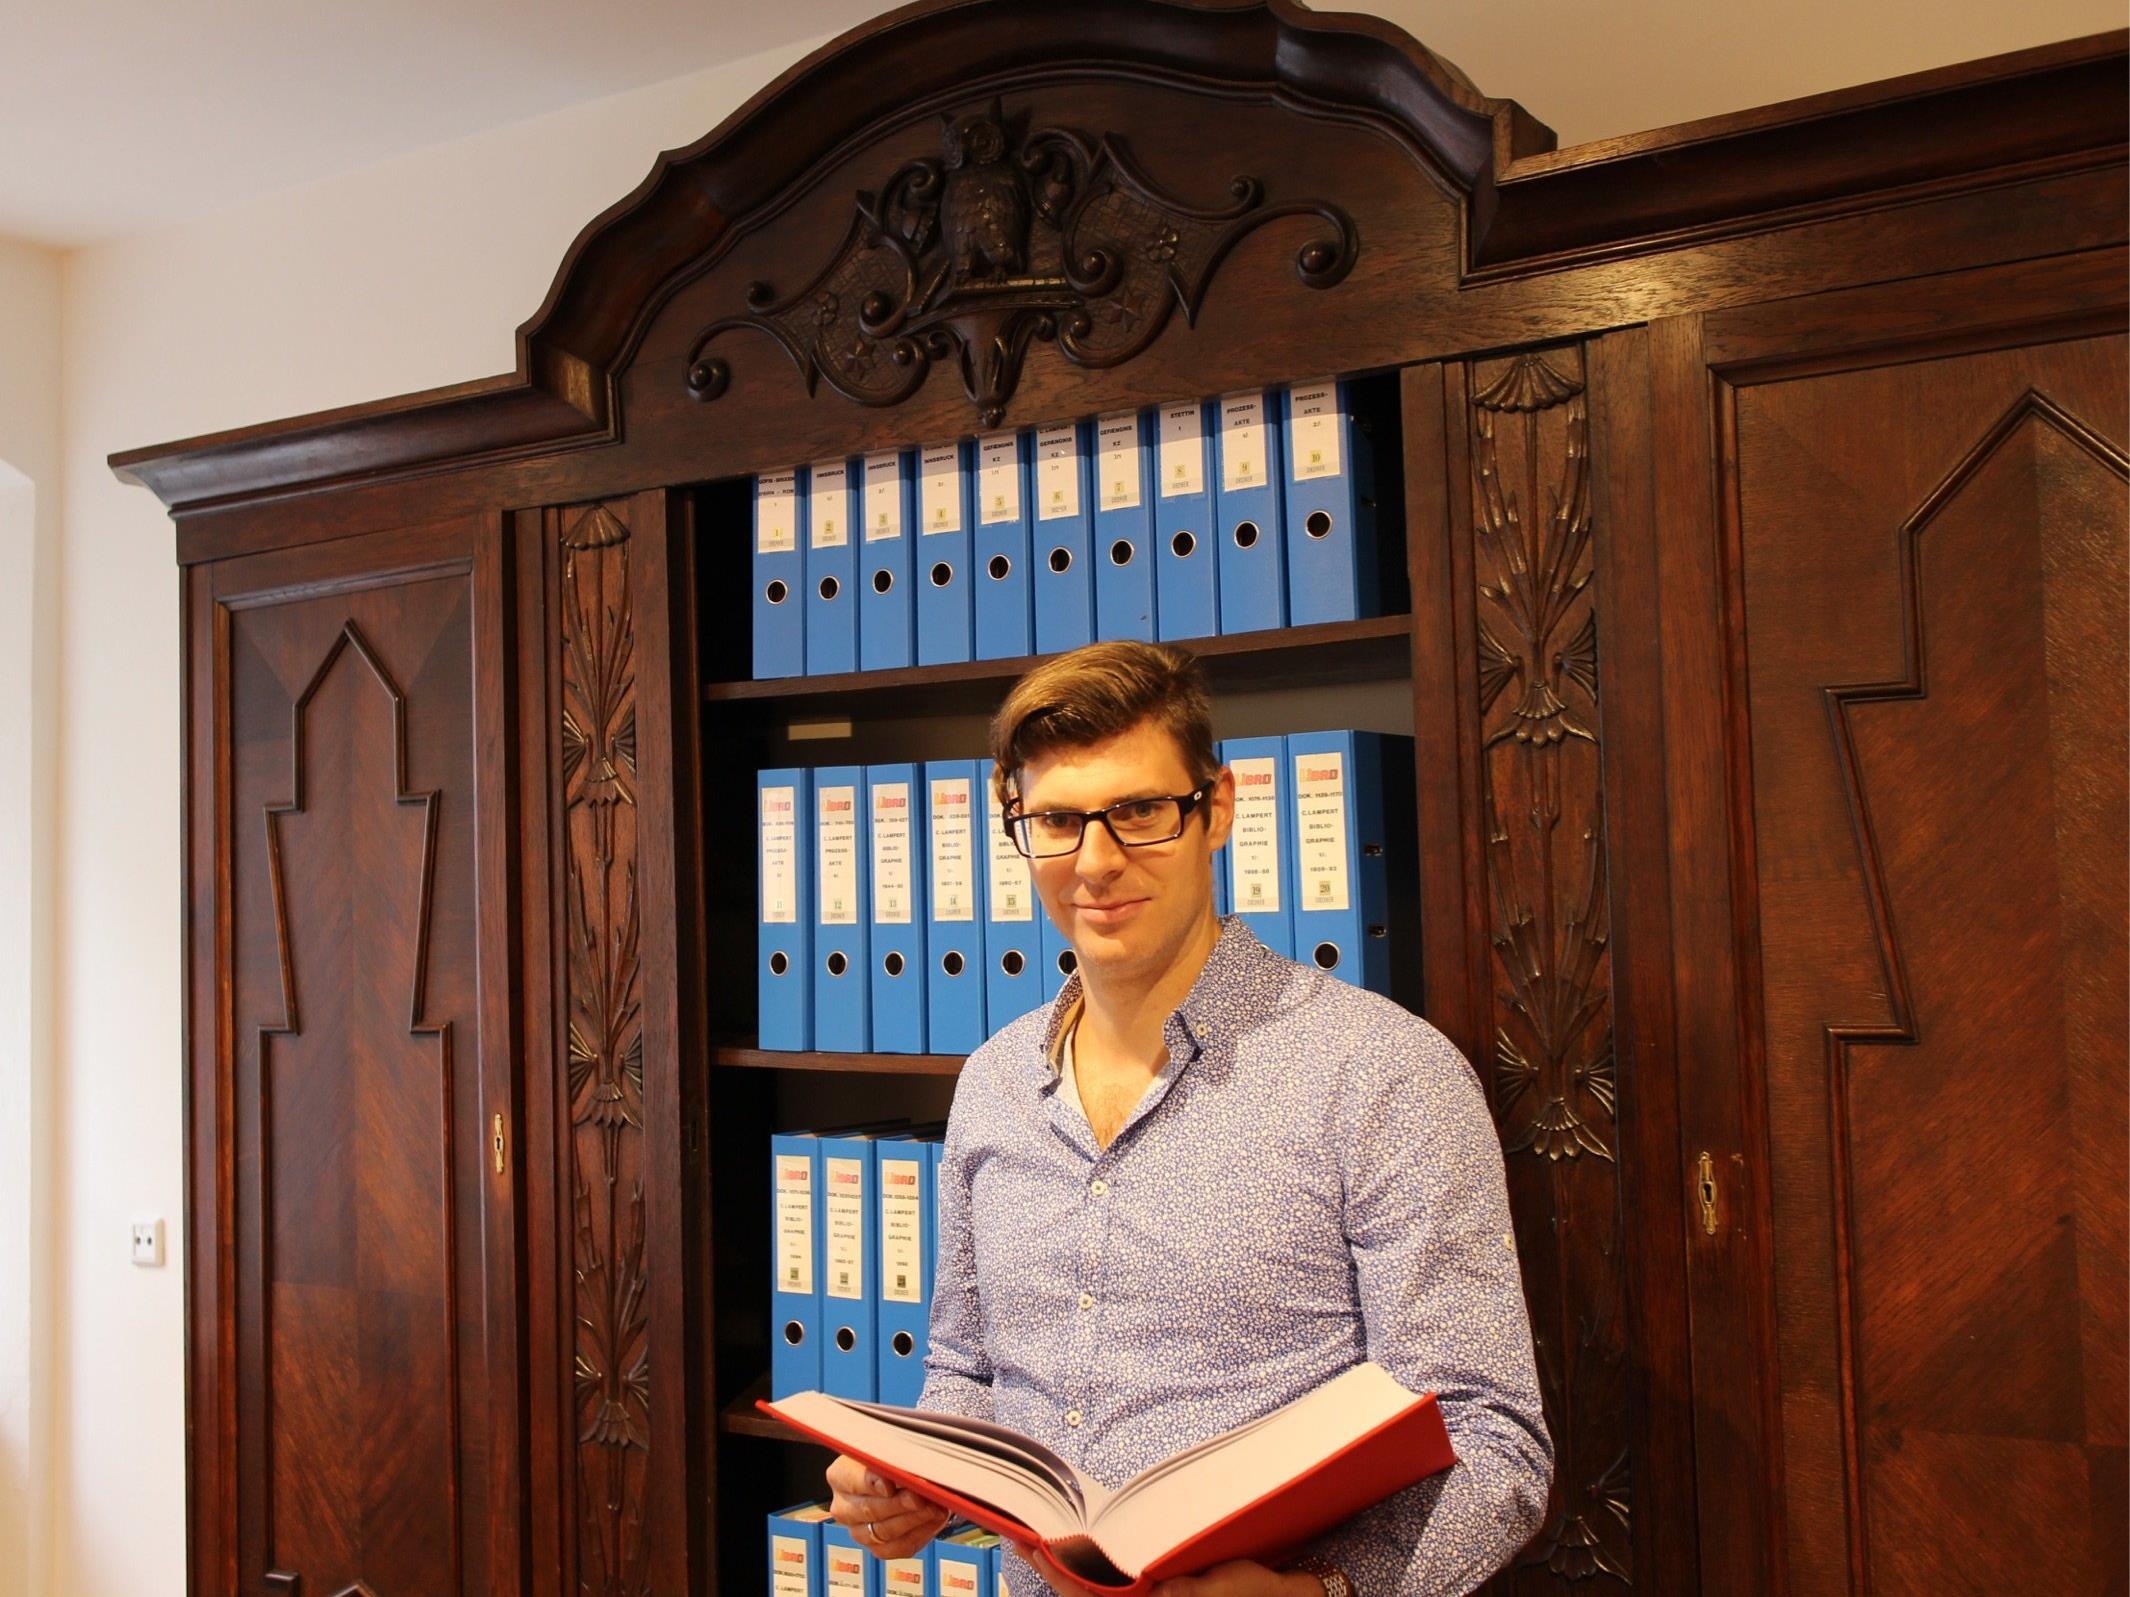 Diözesanarchivar Michael Fliri freut sich, dass nun in der Herrengasse 6 ein eigenes Carl Lampert Archiv Platz finden kann.